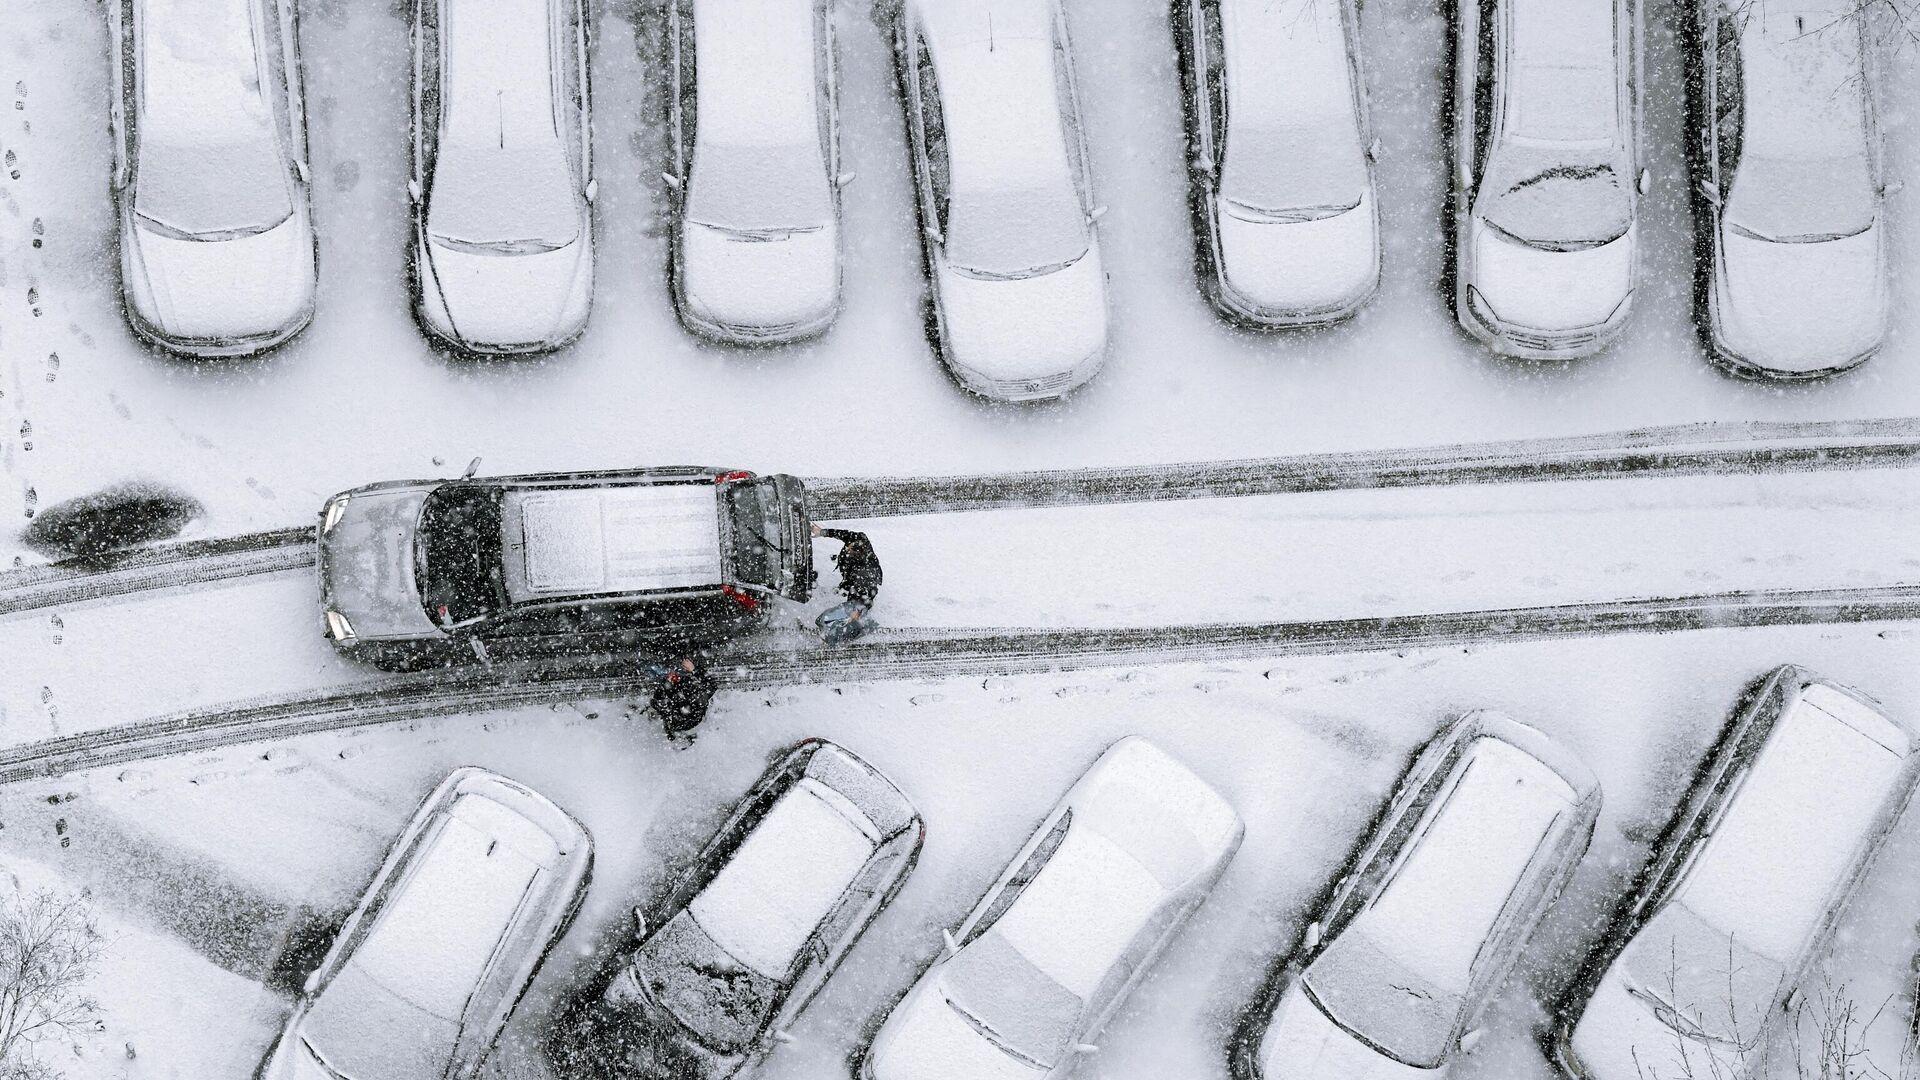 Автомобили, занесенные снегом, во дворе одного из жилых домов Москвы - РИА Новости, 1920, 06.03.2021